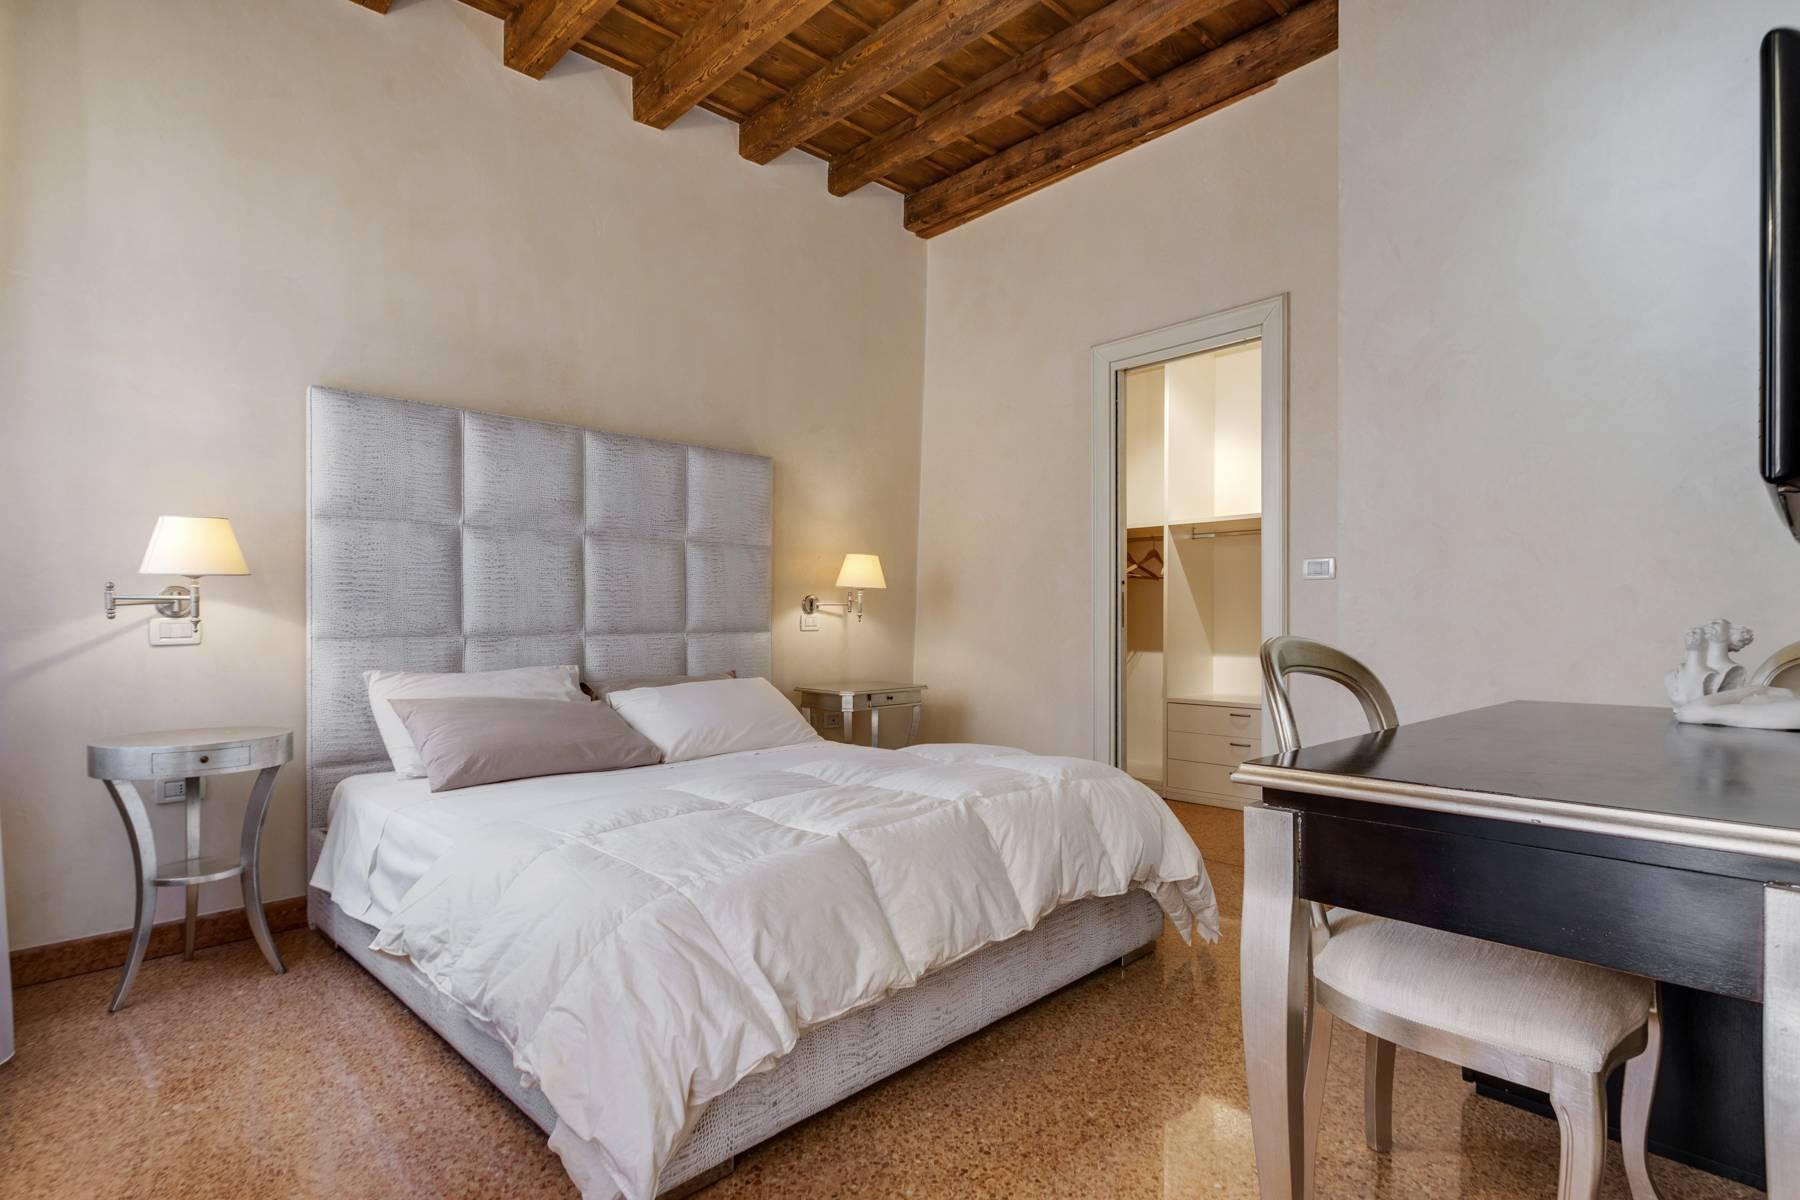 Appartamento in Vendita a Verona: 3 locali, 55 mq - Foto 8